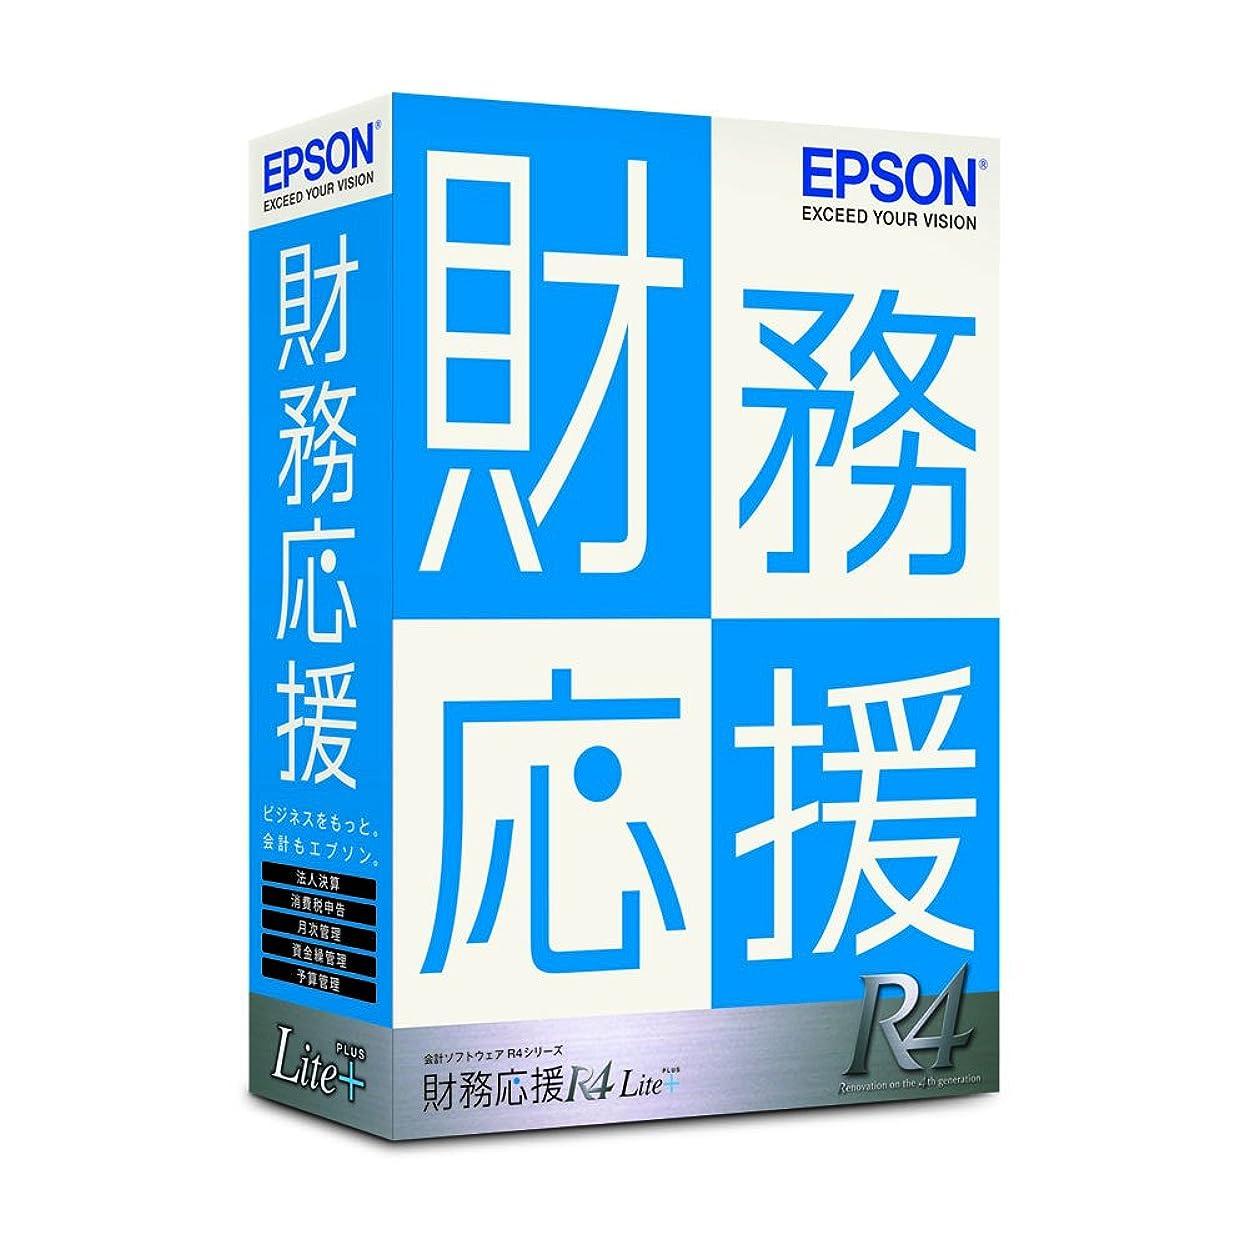 弾薬意味有益なエプソン 財務応援R4 Lite+ Ver.18.1 機能アップ版 1ユーザー